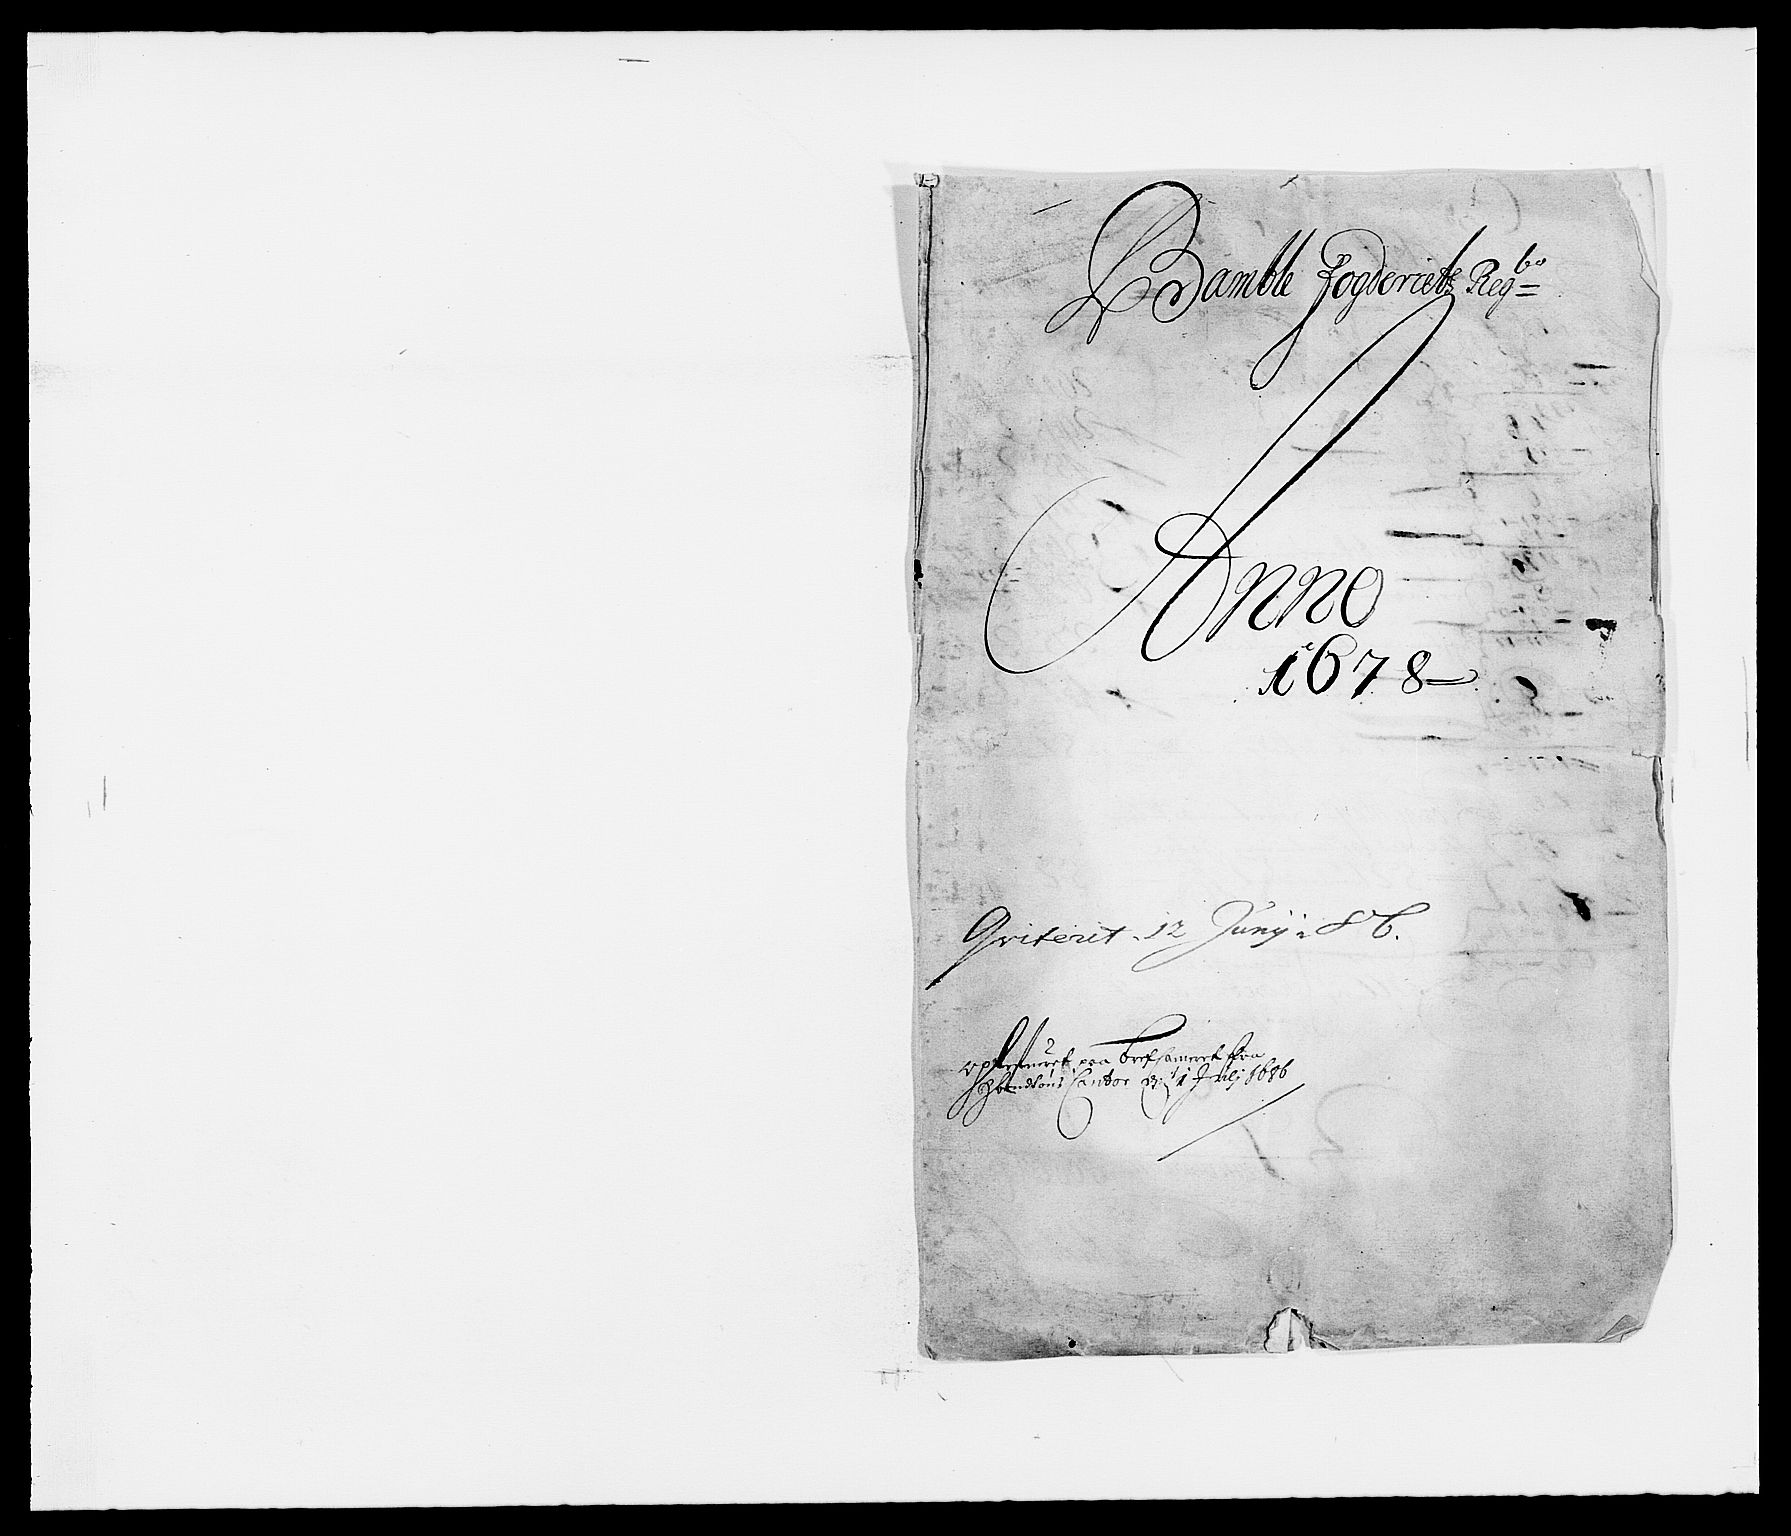 RA, Rentekammeret inntil 1814, Reviderte regnskaper, Fogderegnskap, R34/L2044: Fogderegnskap Bamble, 1678-1679, s. 1